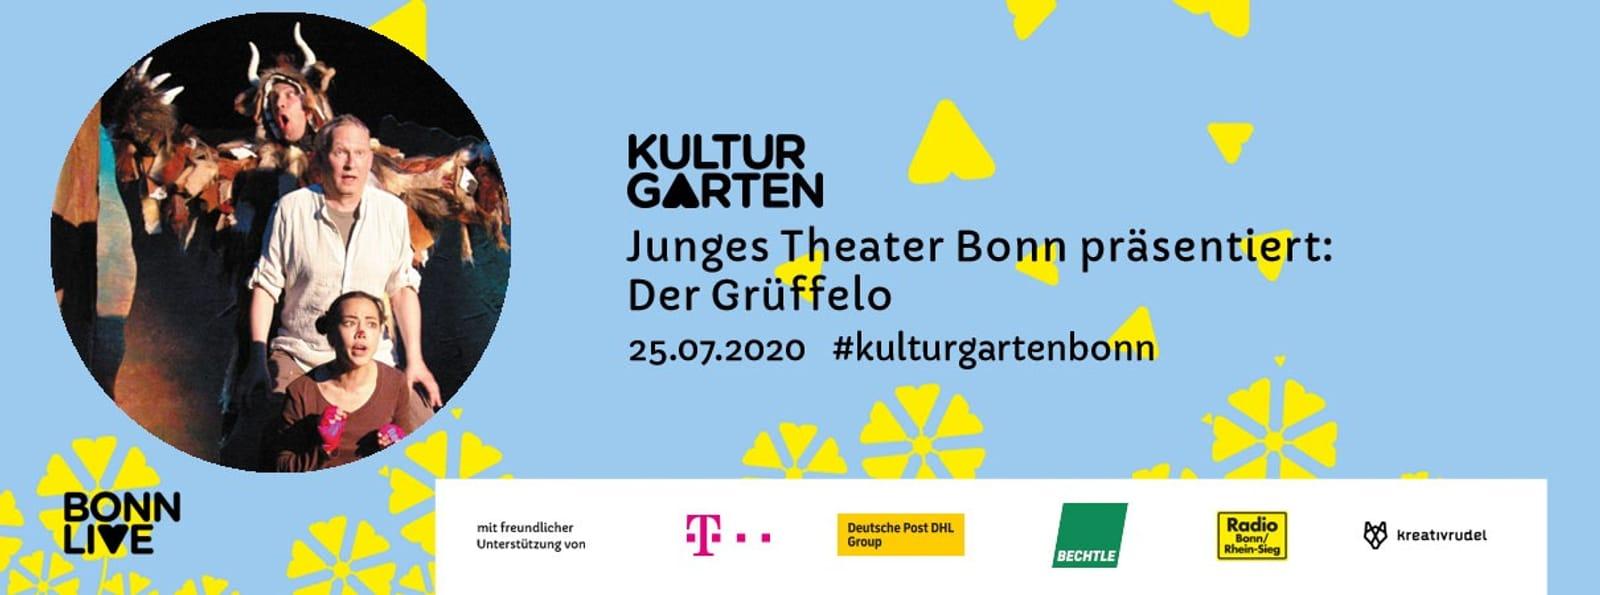 JTB: Der Grüffelo | BonnLive Kulturgarten